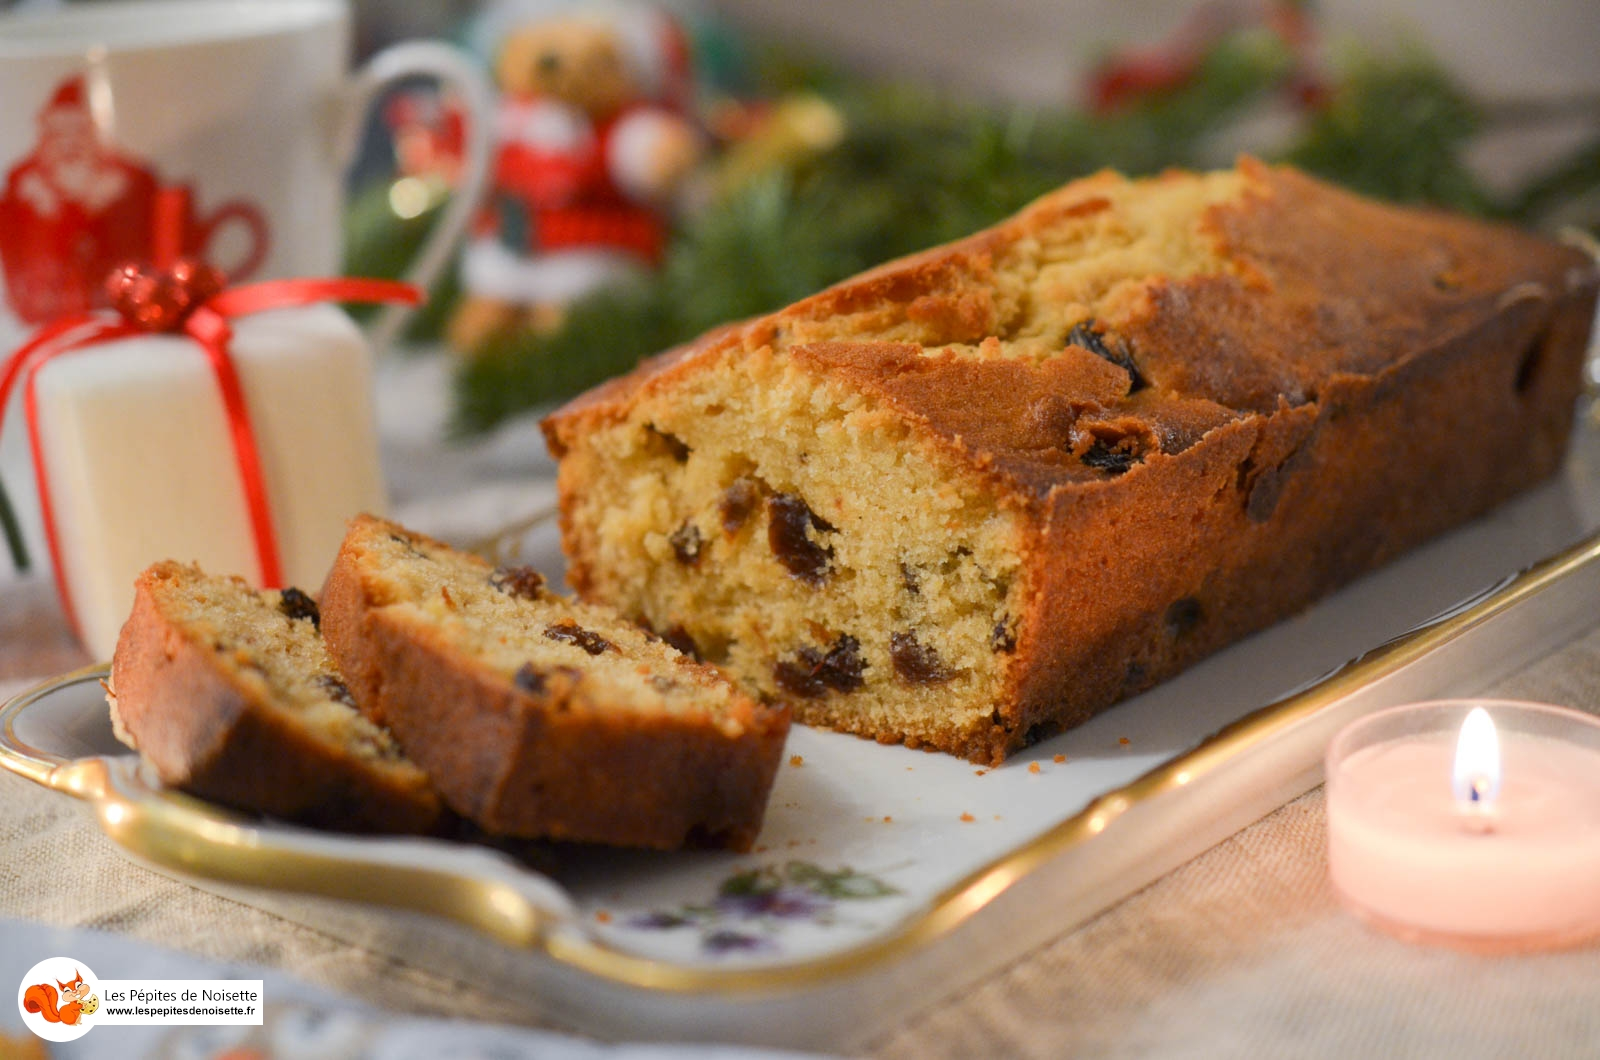 Cake Rhum Raisins (9 Sur 9)